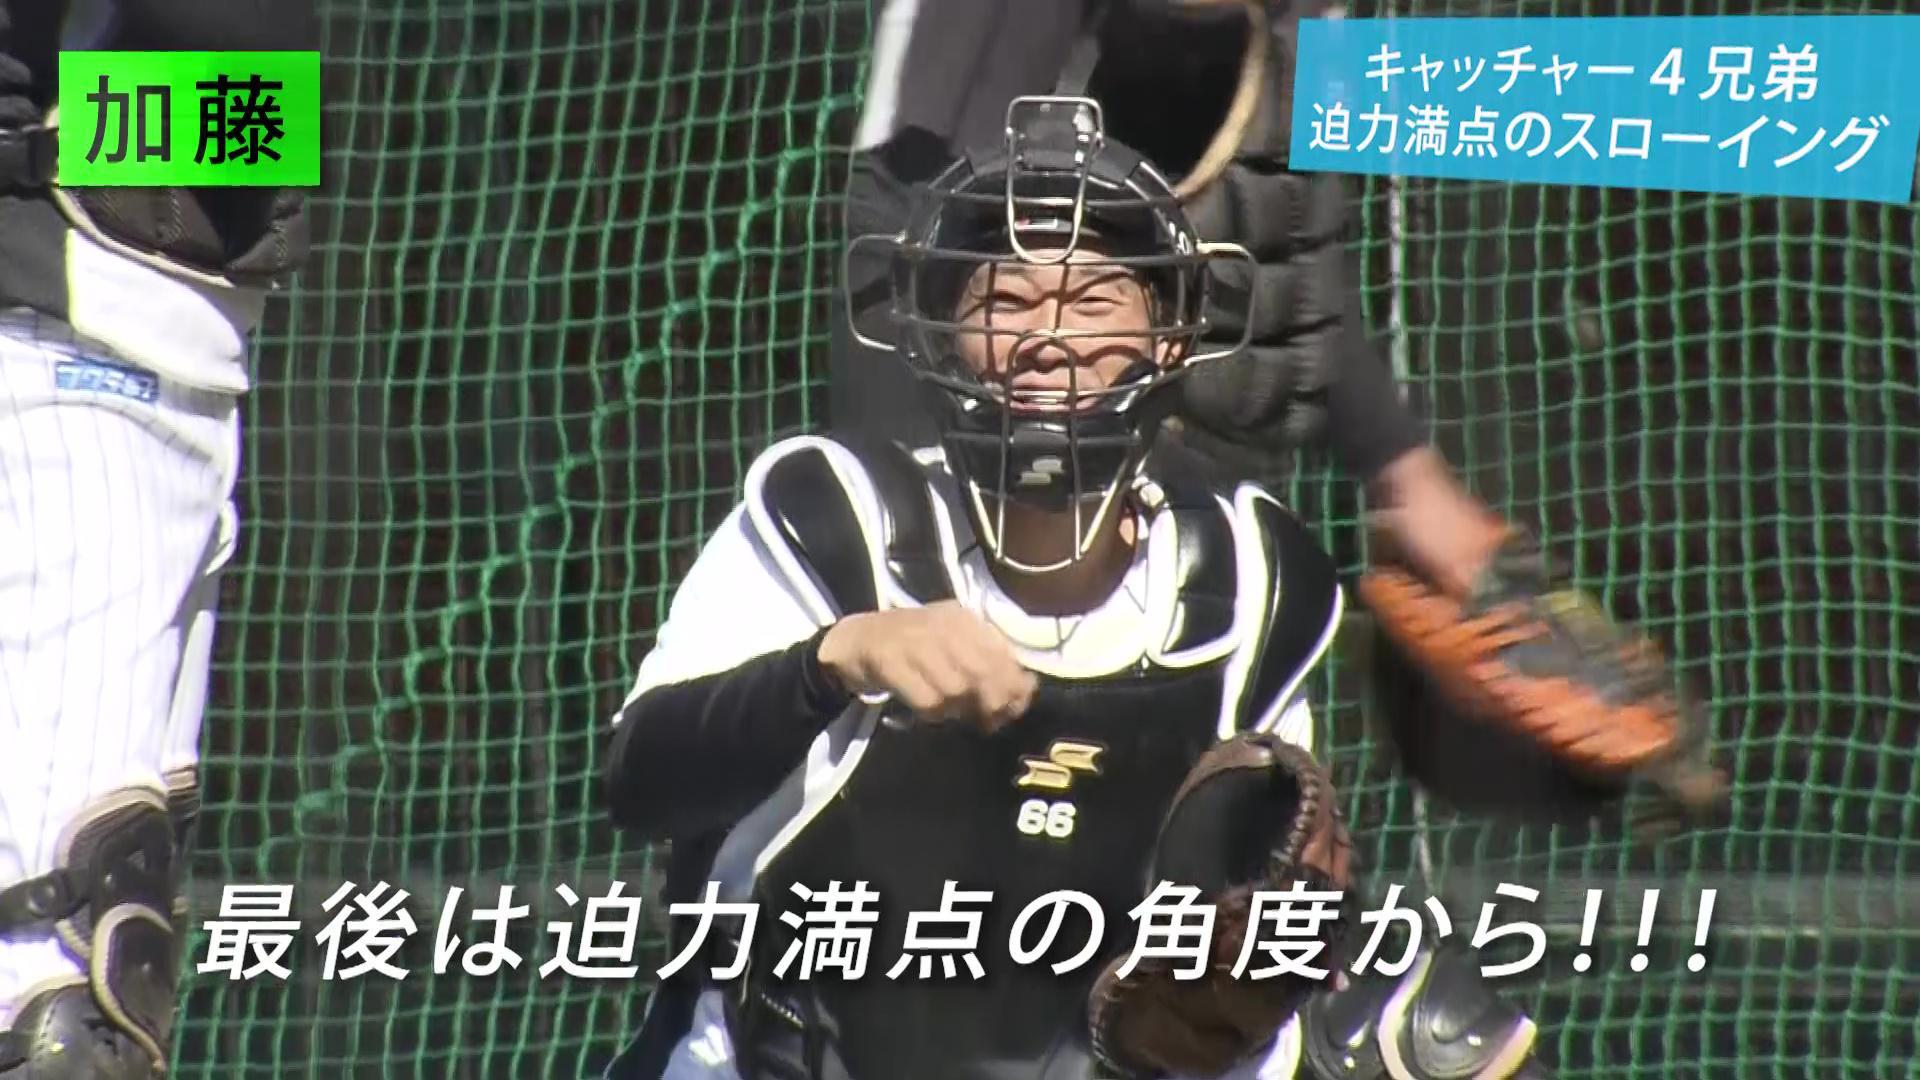 【ロッテ】捕手4人兄弟 スローイング練習を迫力満点の角度から!